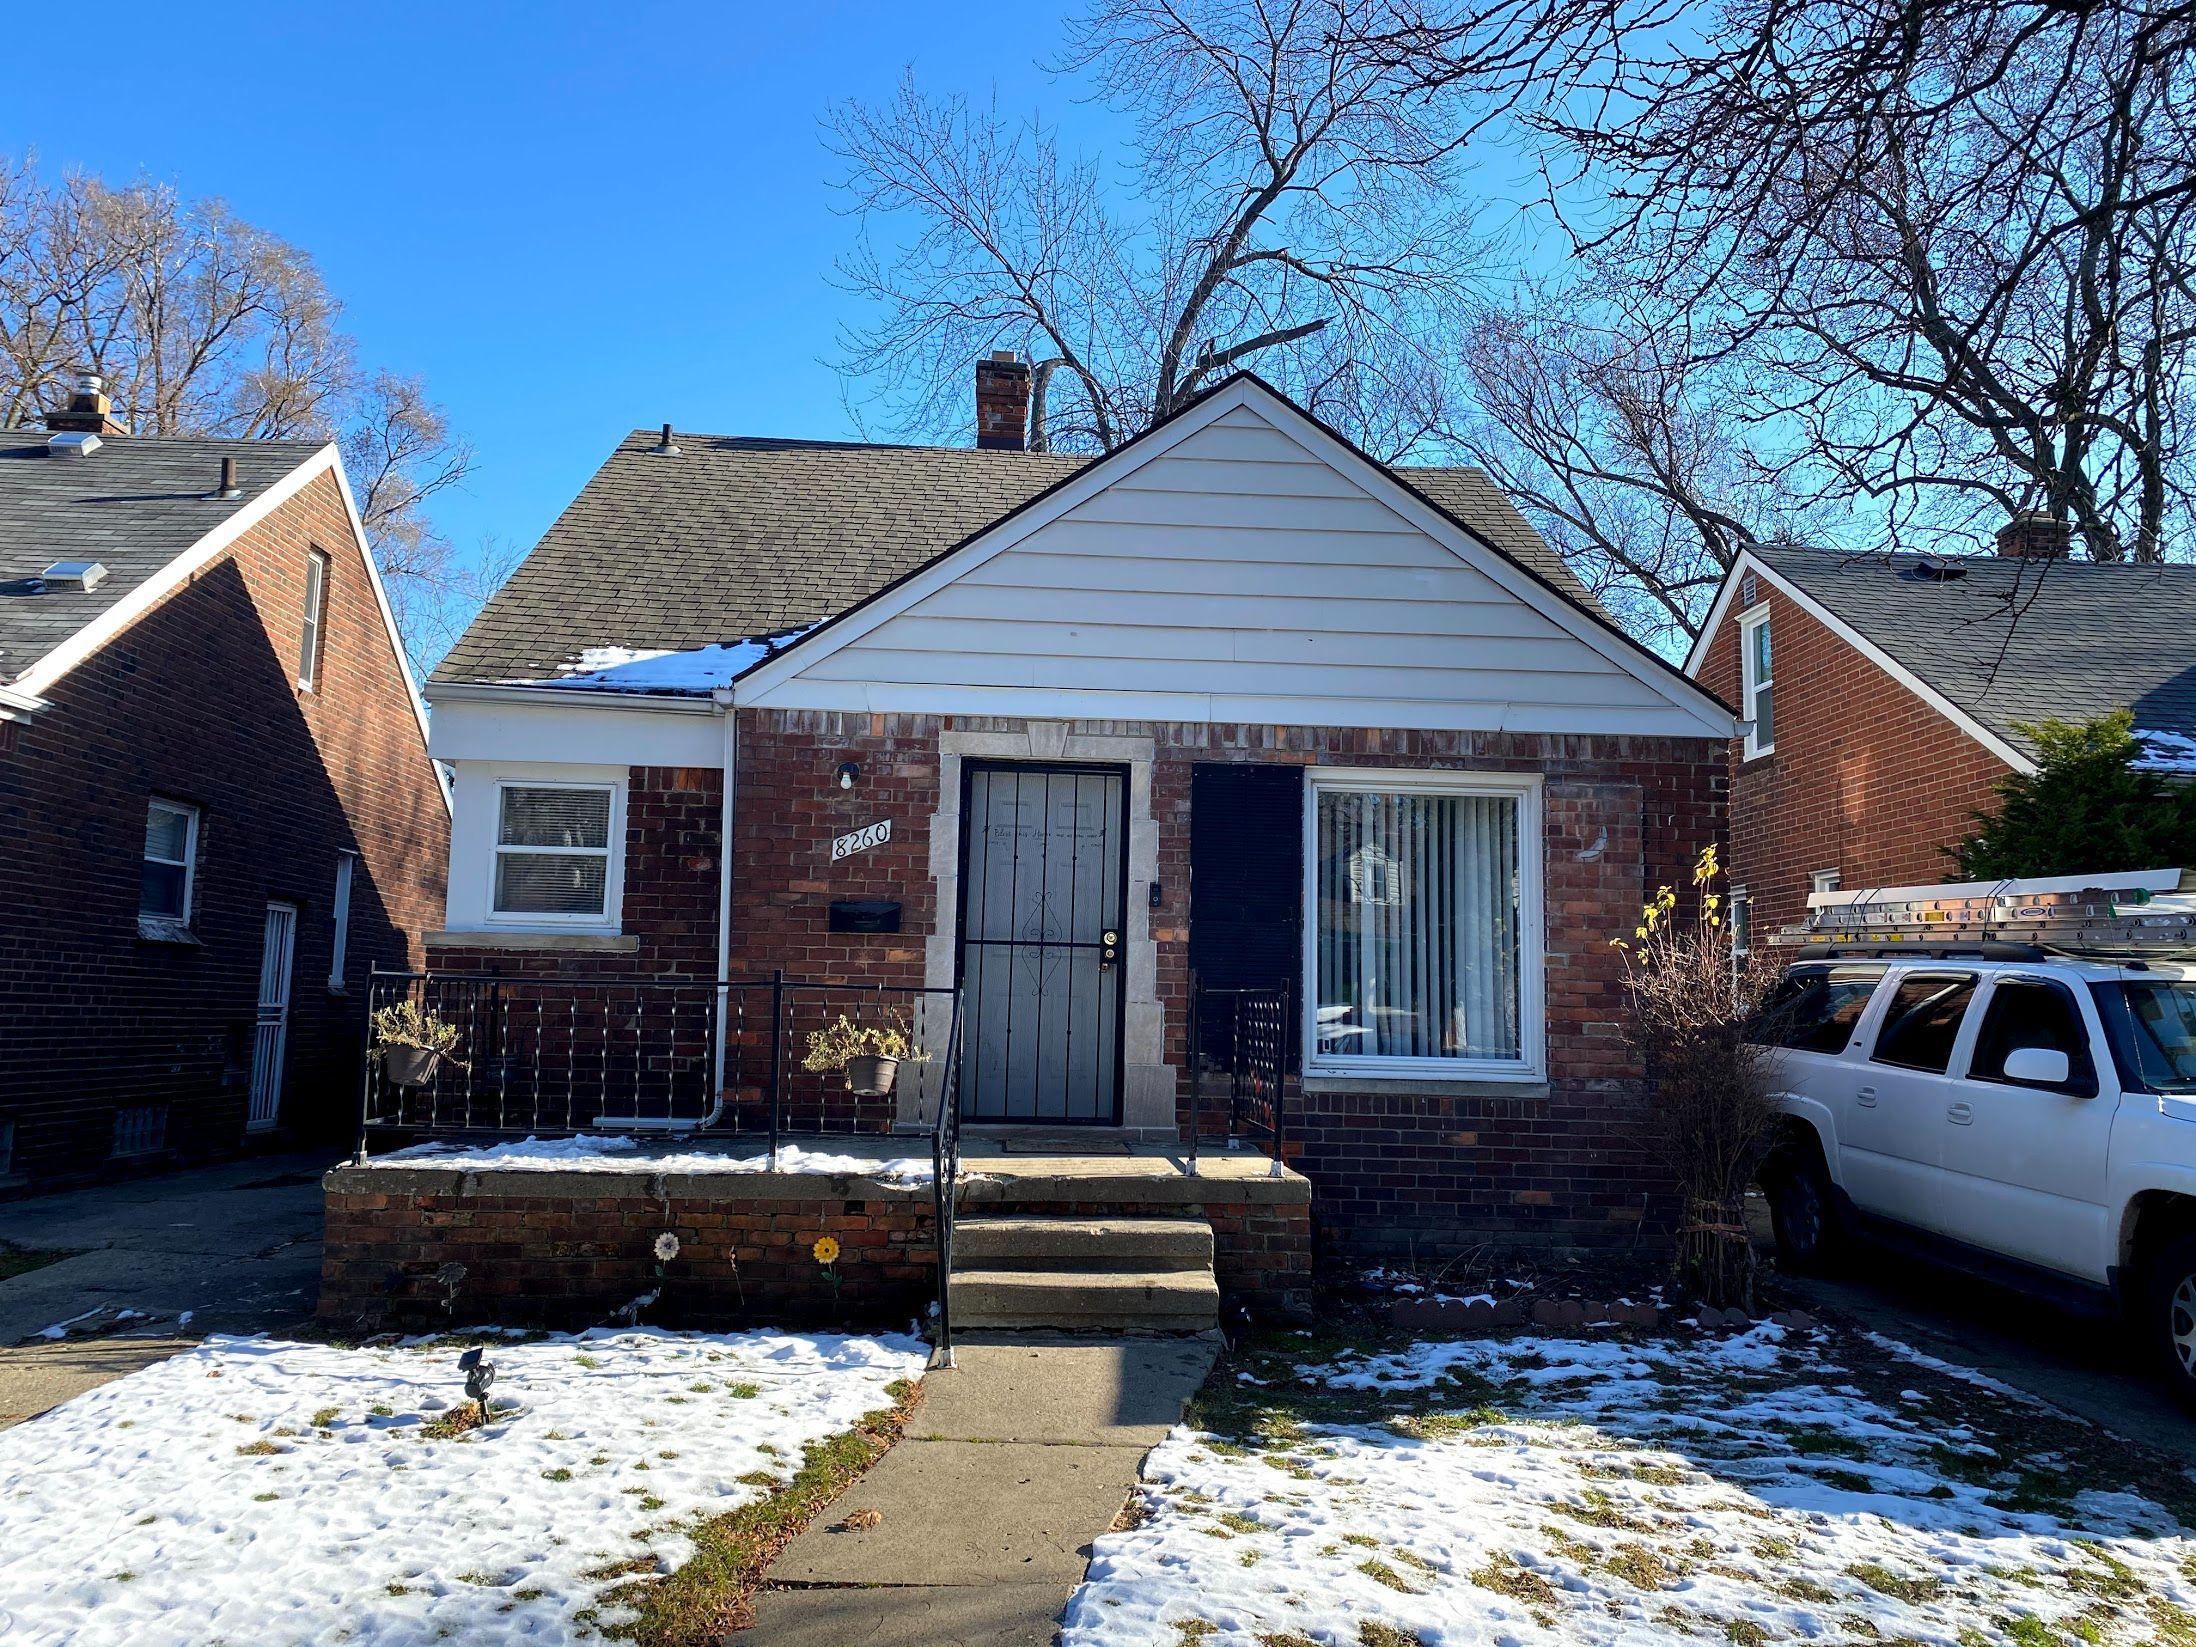 8260 Coyle St, Detroit, MI